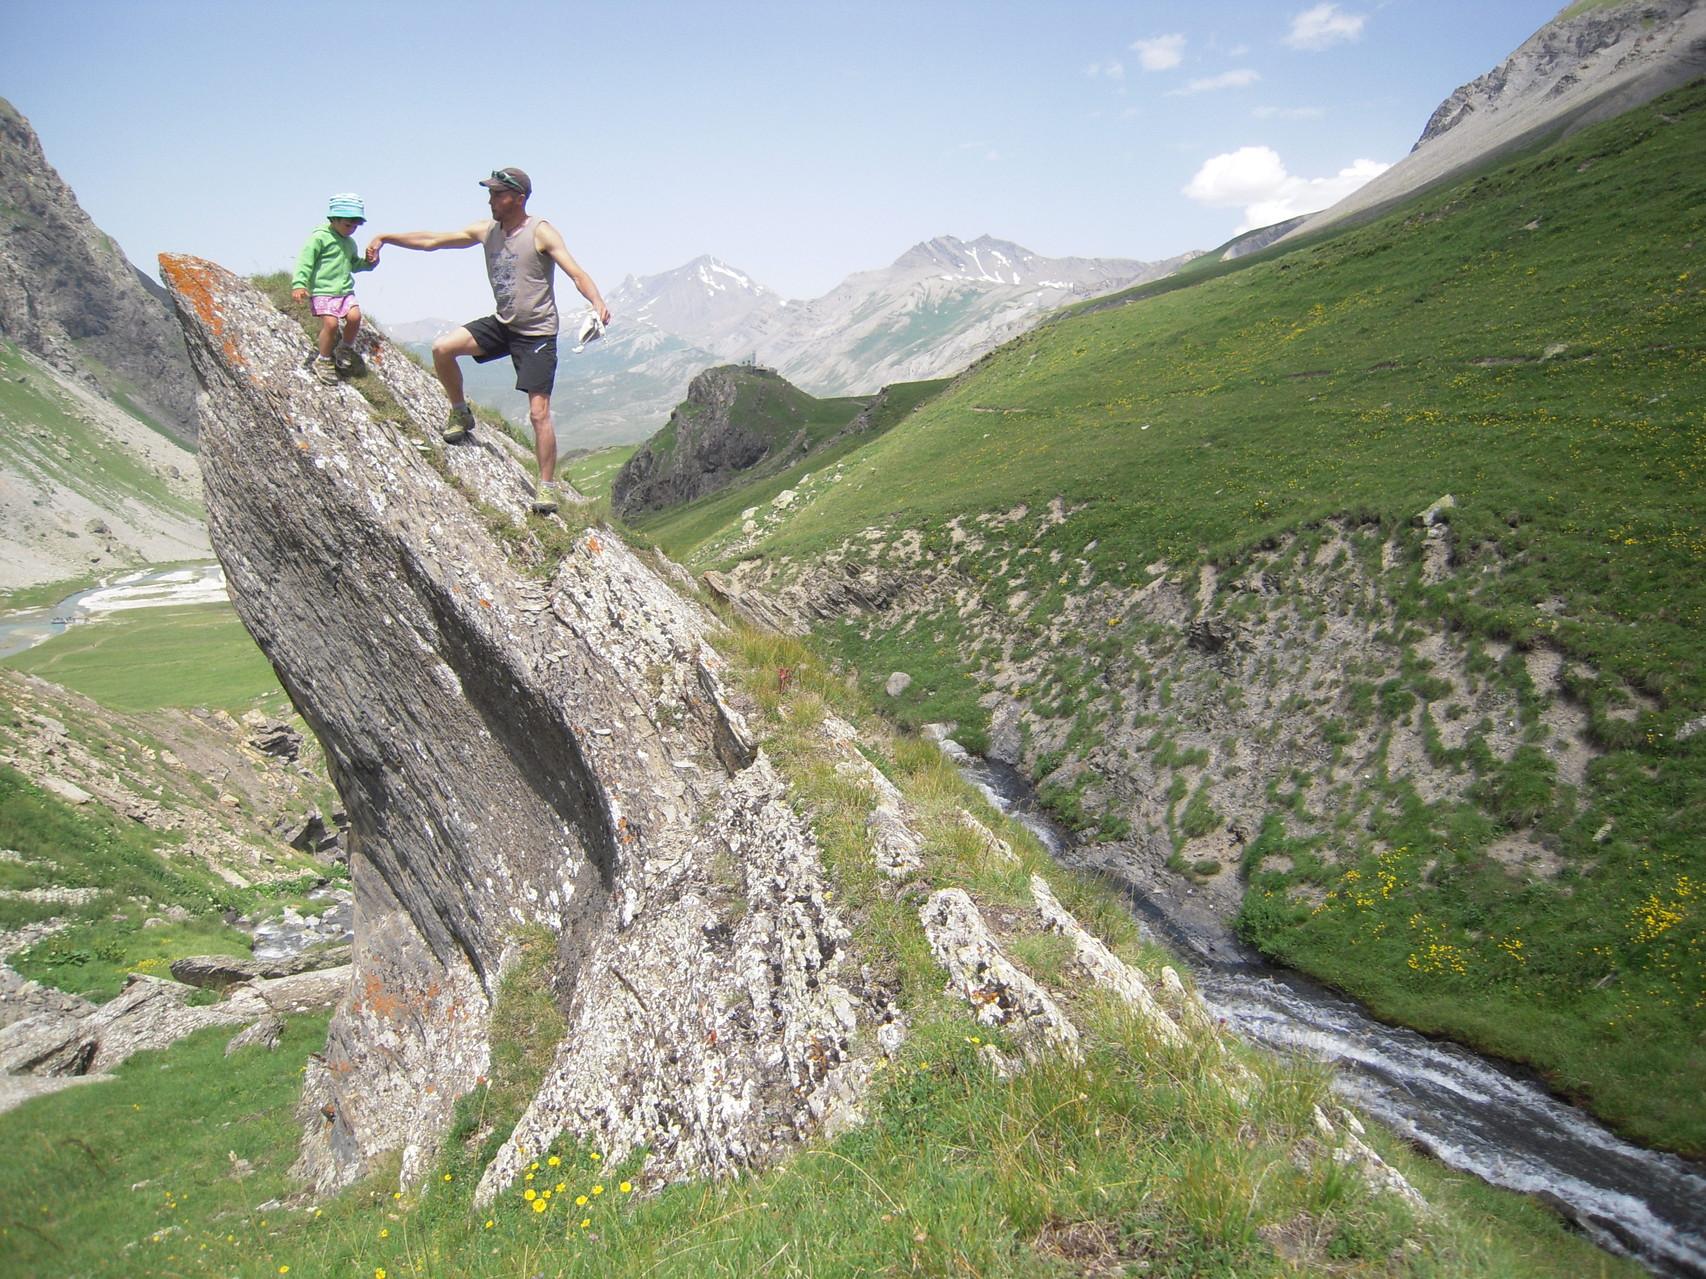 Rocher surplombant, quelque part au dessus des vasques du torrent de l'Alpe!